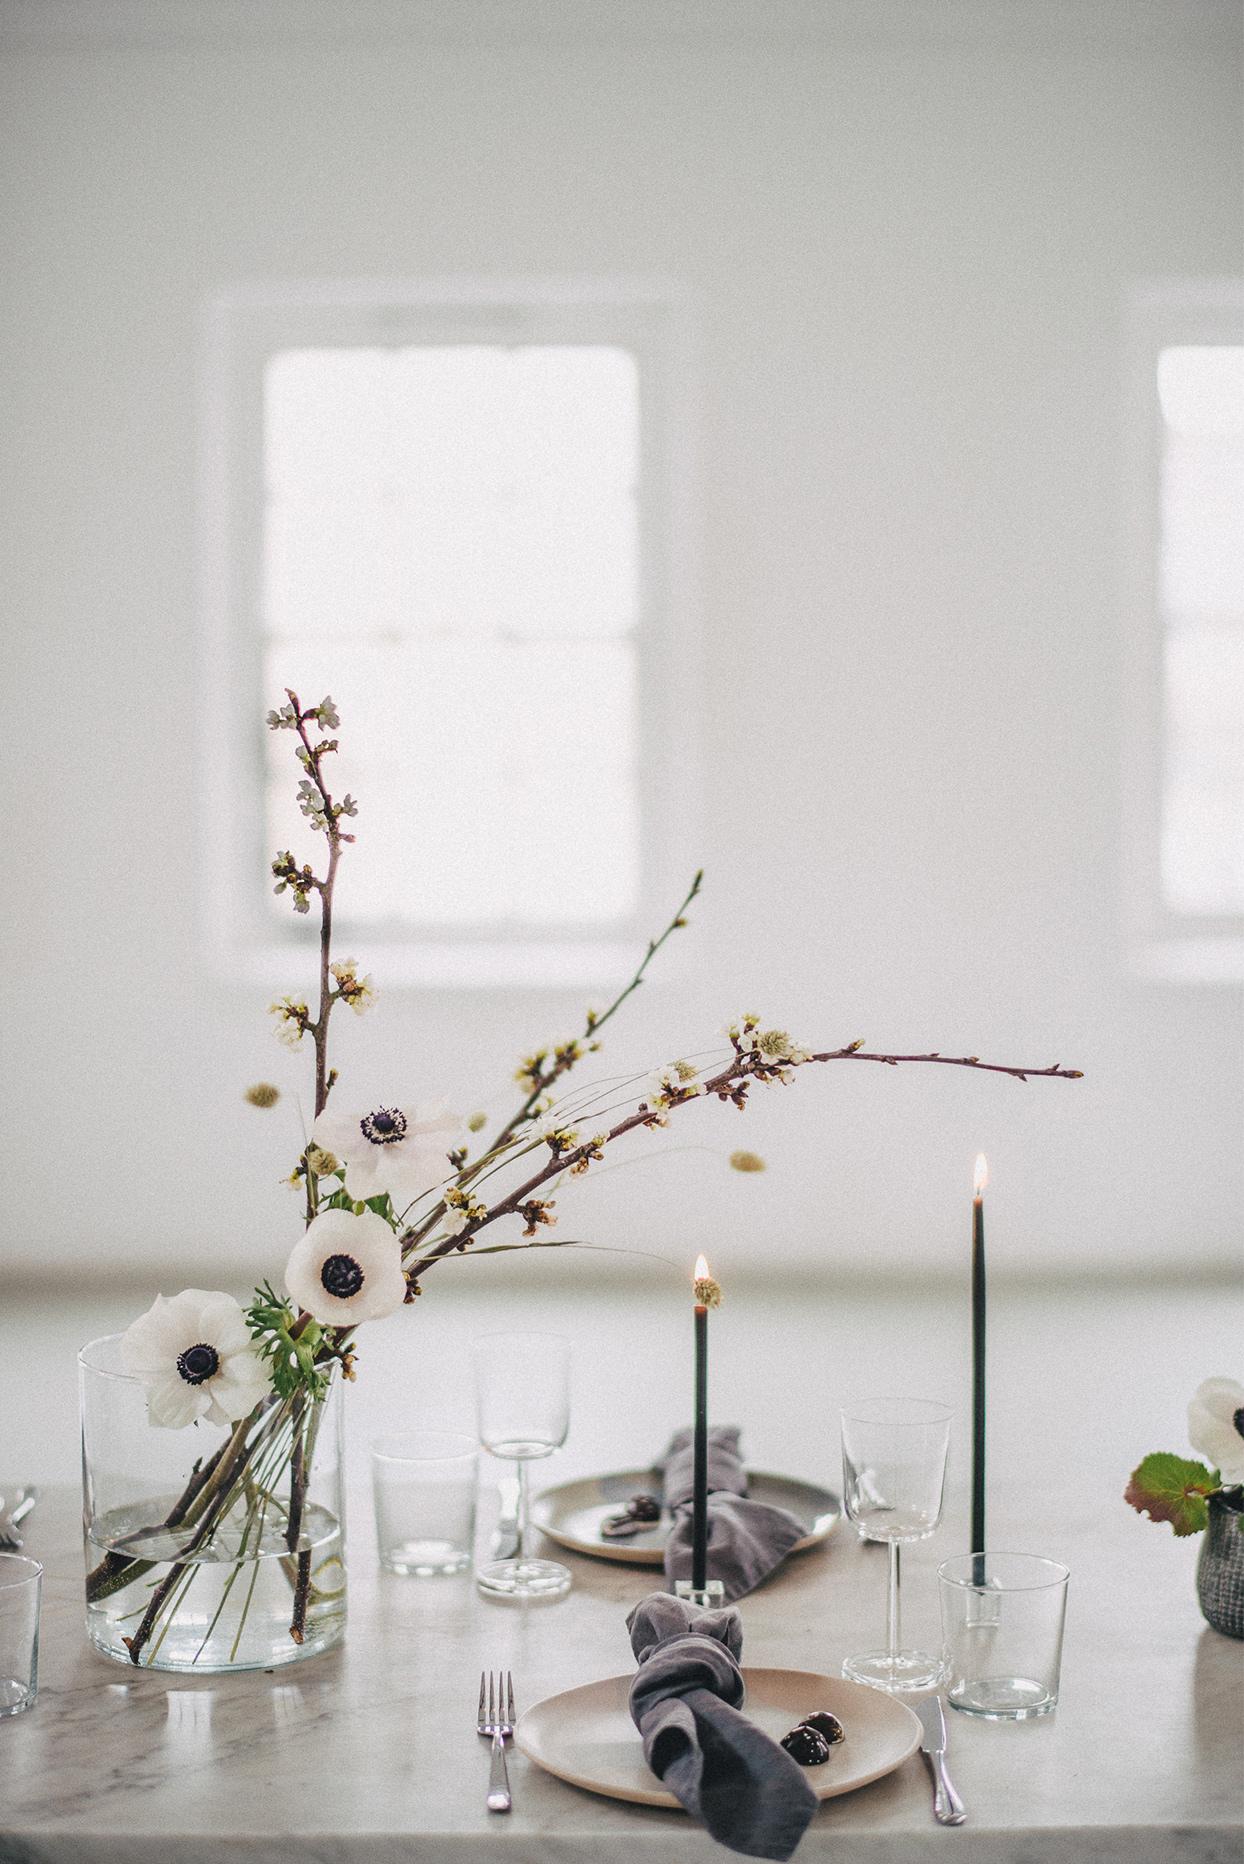 minimalist ikebana anemone bloom on table